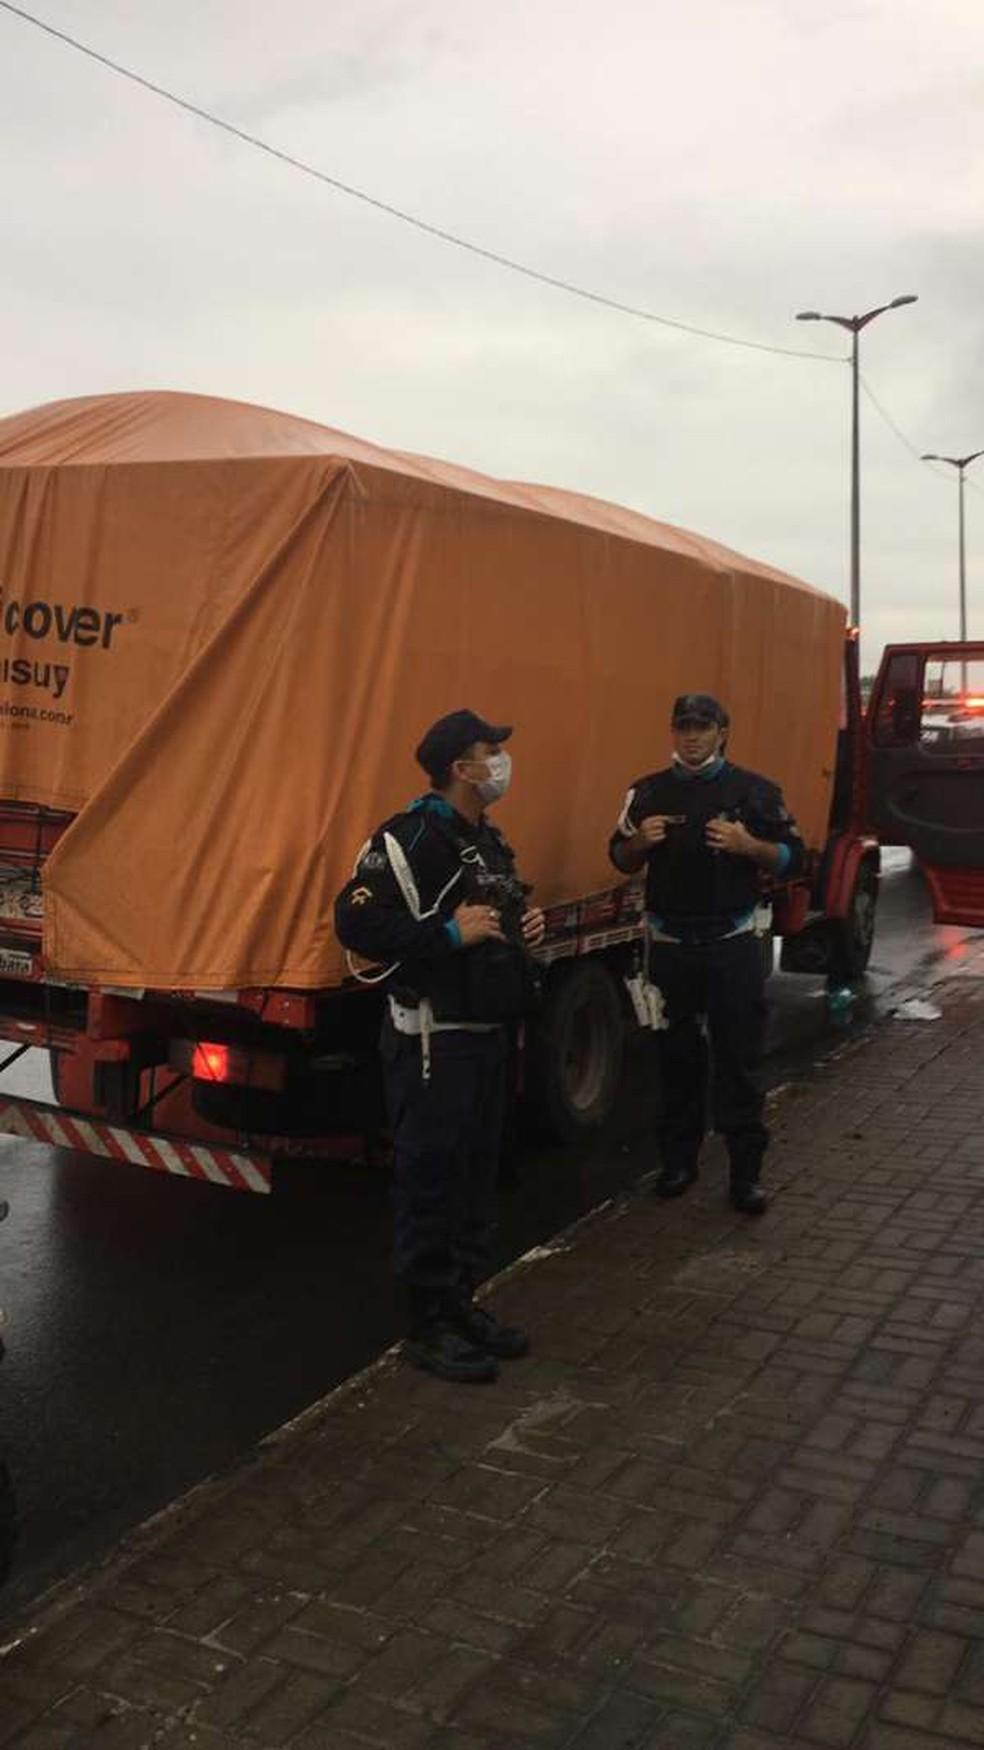 Todo o carregamento de alimentos foi recuperado em menos de três horas após o roubo, afirma a Secretaria da Segurança — Foto: SSPDS